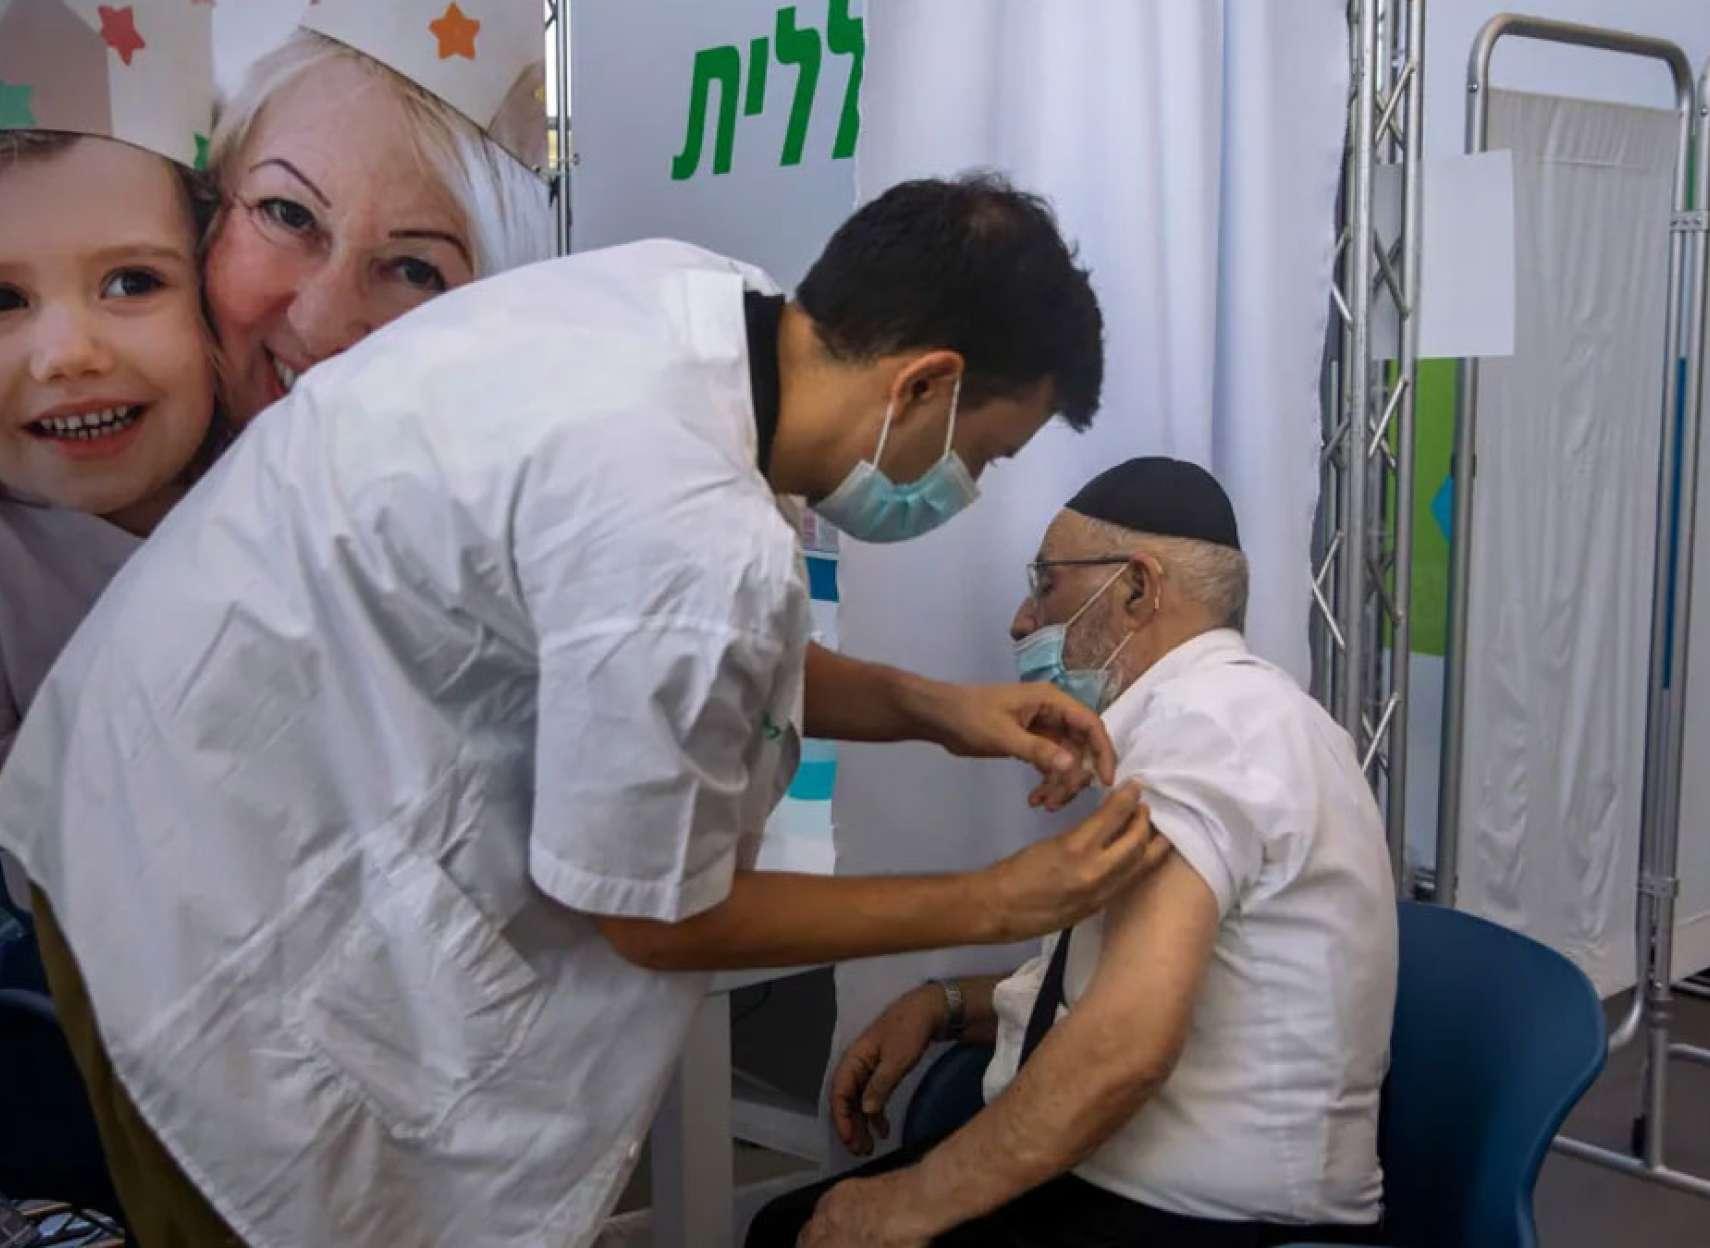 بیداد-کرونا-اسرائیل-رکورد-میانگین-هفتگی-ابتلا-به-کرونا-نسبت-به-یک-میلیون-جمعیت-را-در-جهان-شکست